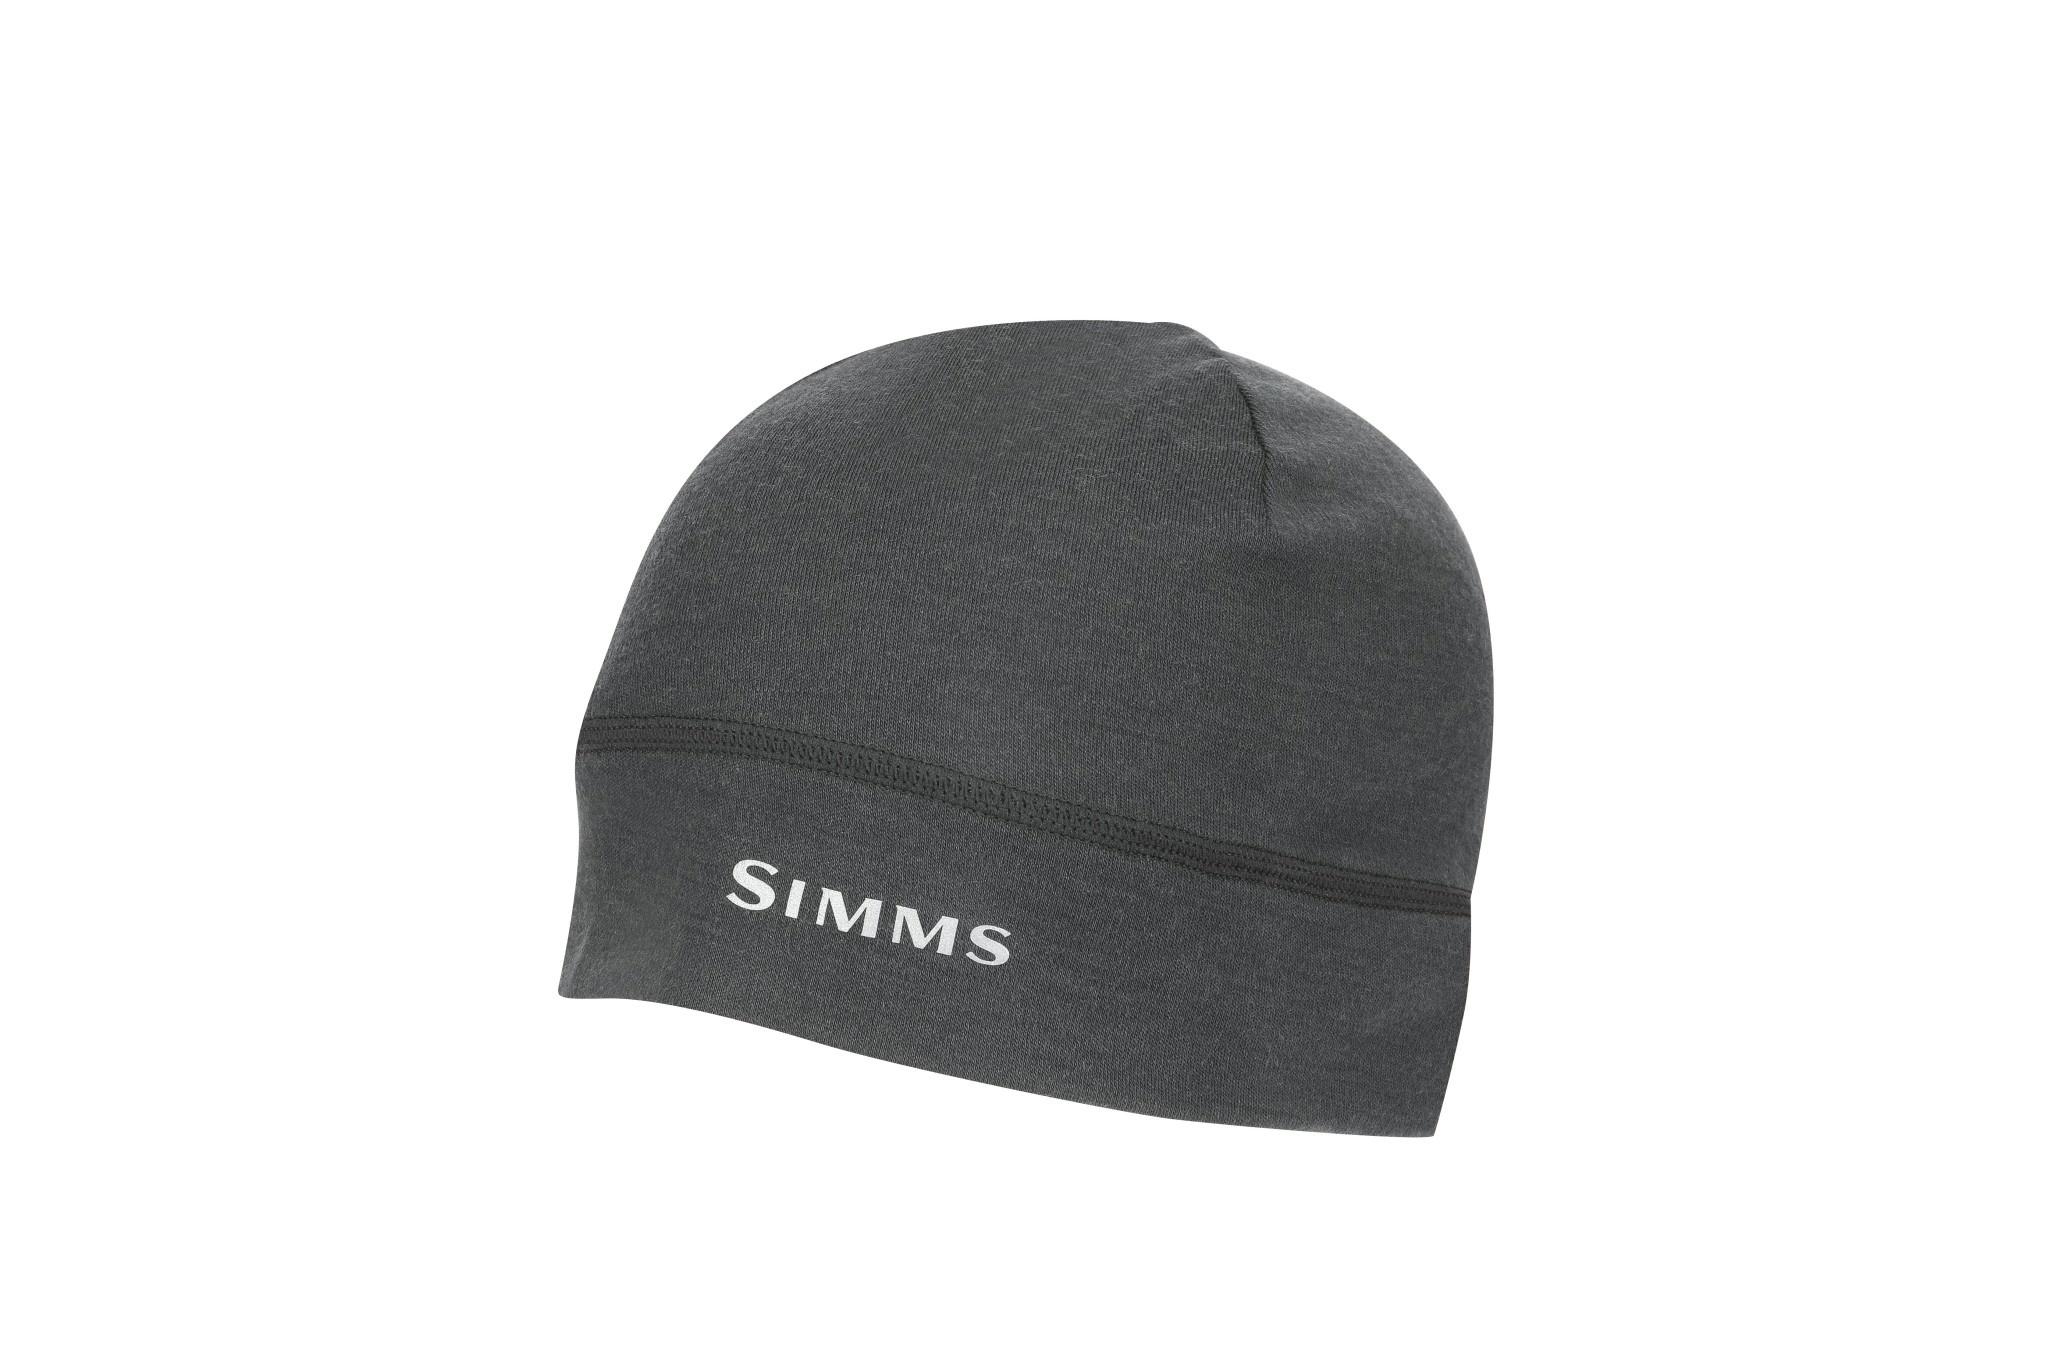 Simms Simms Lightweight Wool Liner Beanie